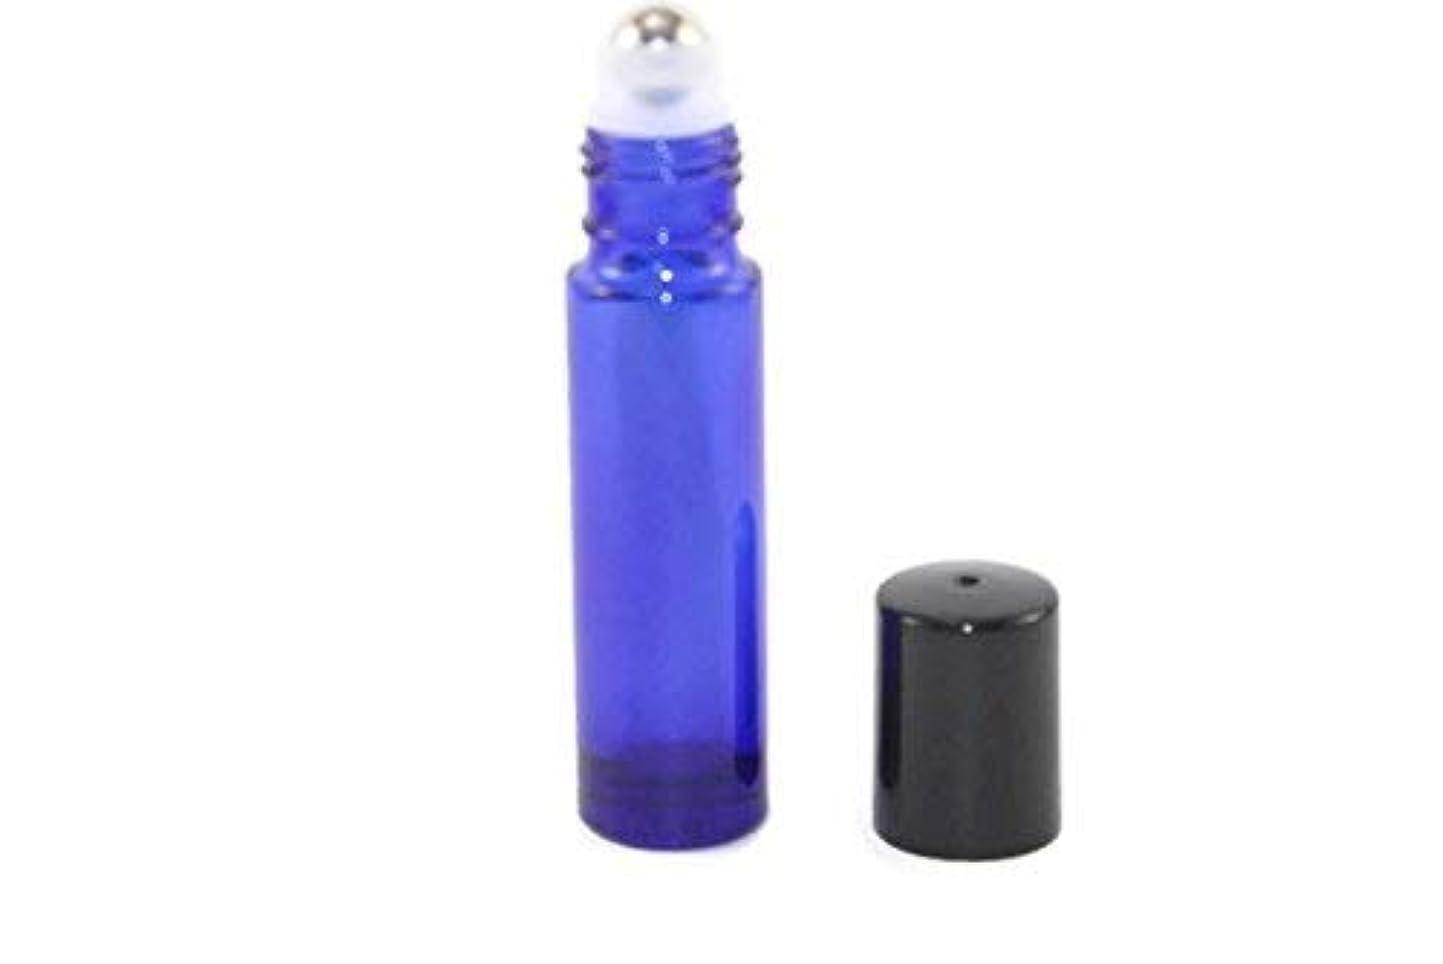 一杯メイン横USA 144-10ml COBALT BLUE Glass Roll On THICK Bottles (144) with Stainless Steel Roller Balls - Refillable Aromatherapy...